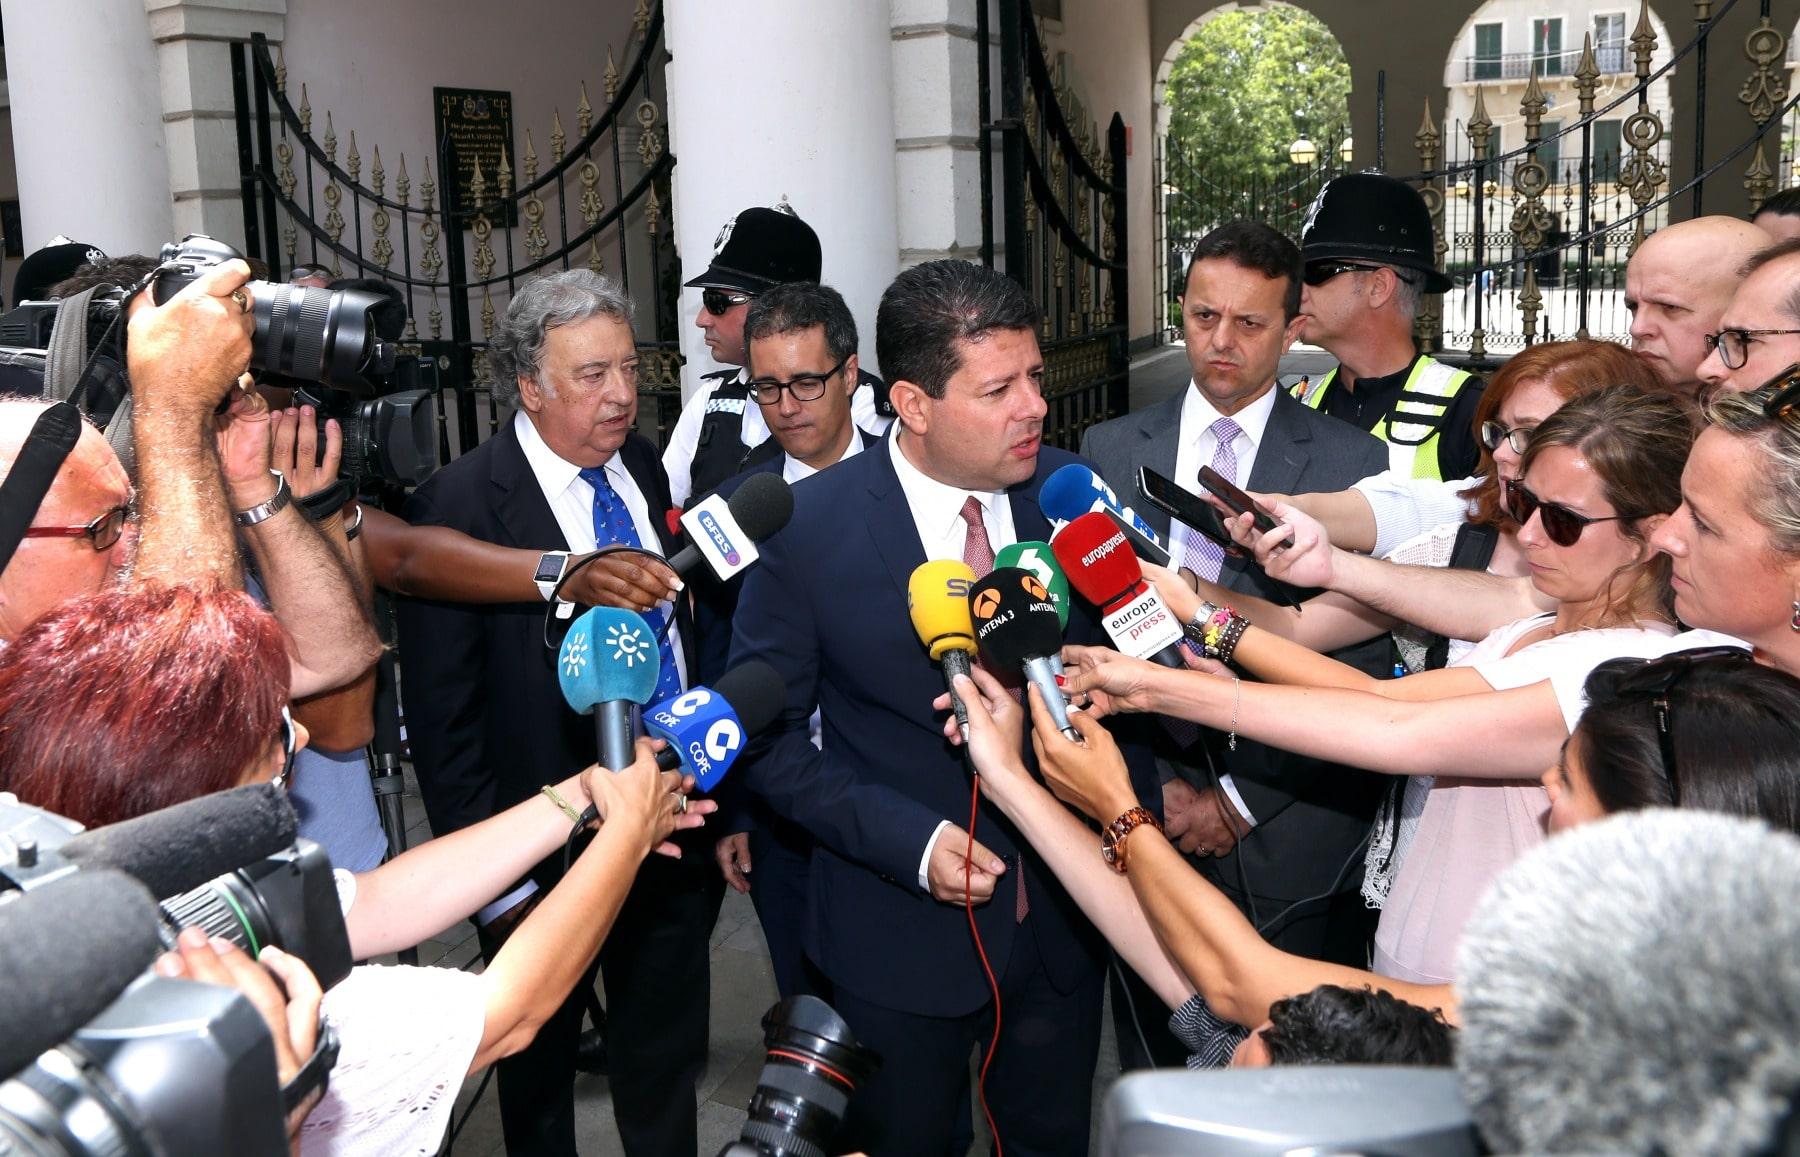 24-jun-2016-comparecencia-de-fabin-picardo-en-el-parlamento-de-gibraltar-tras-referndum-permanencia-ru-en-ue-13_27844258676_o